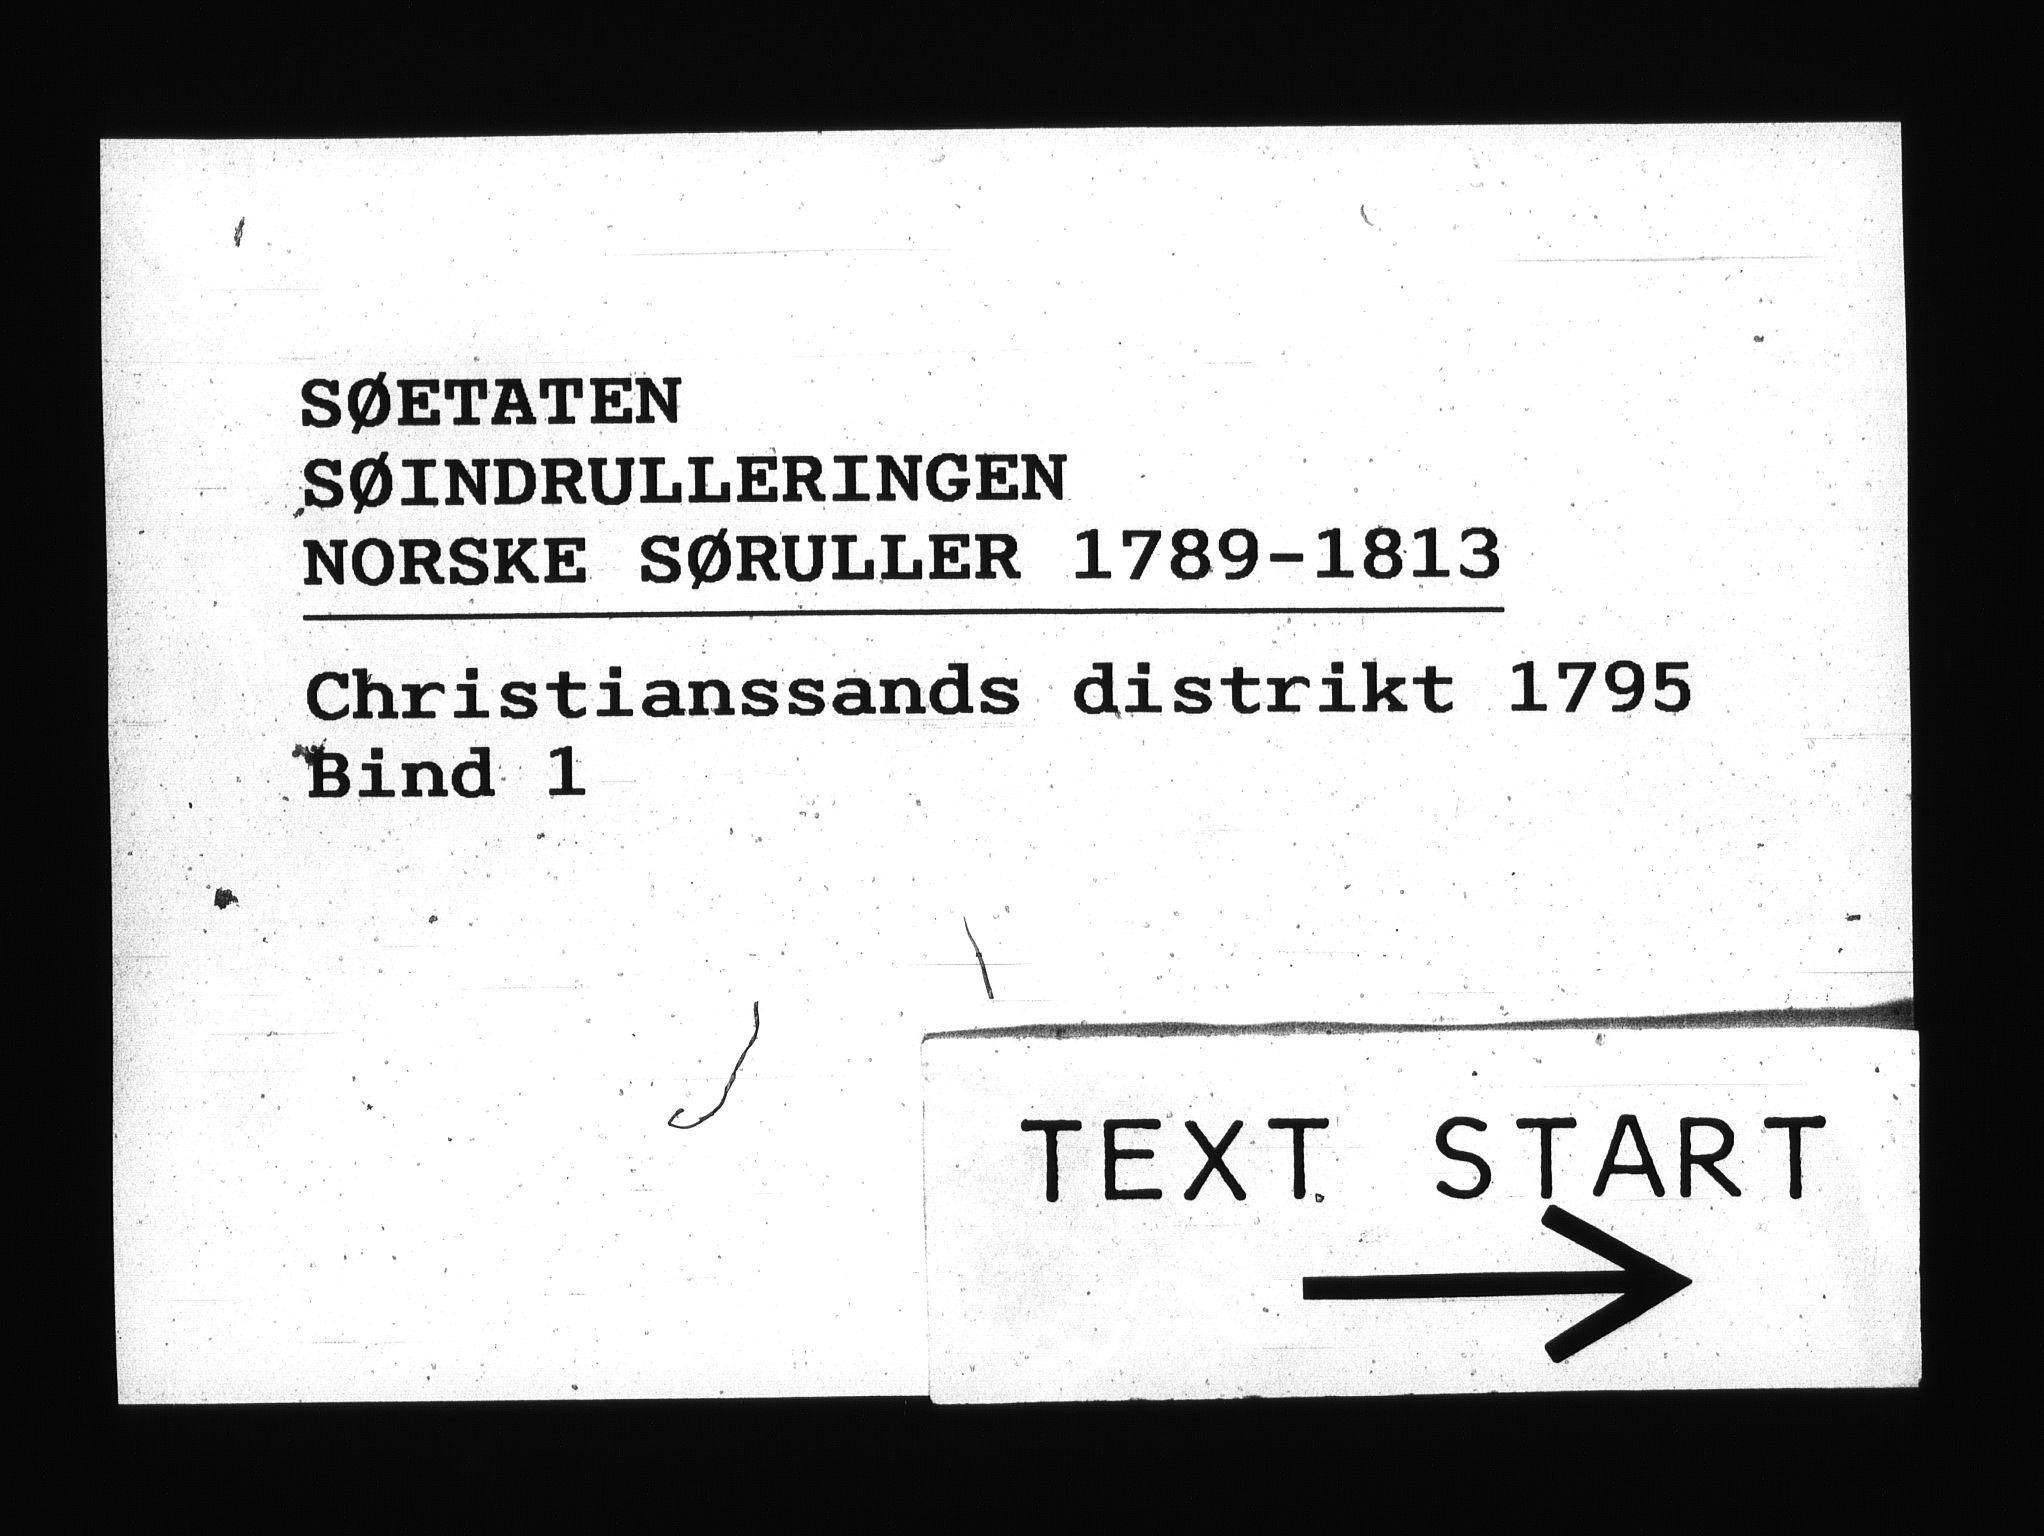 RA, Sjøetaten, F/L0022: Kristiansand distrikt, bind 1, 1795